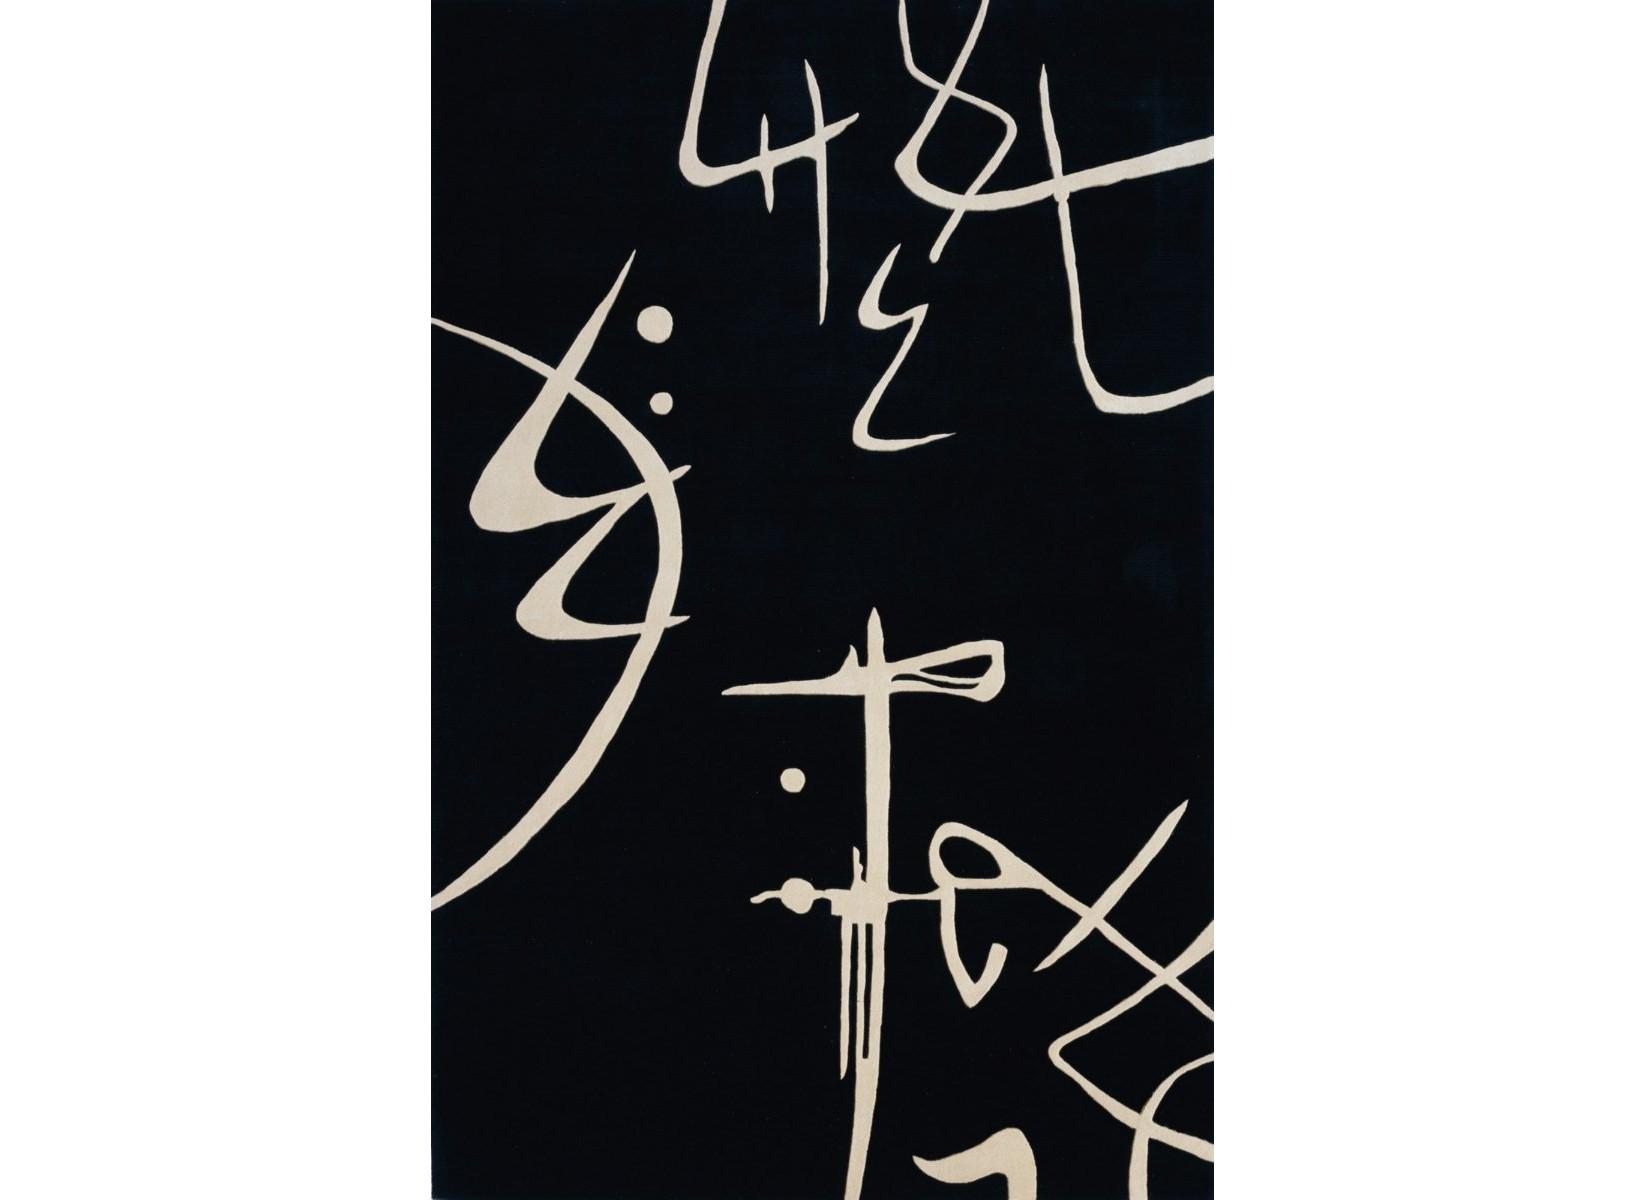 Ковер Haruki 300x400Прямоугольные ковры<br><br><br>Material: Шерсть<br>Width см: 300<br>Depth см: 400